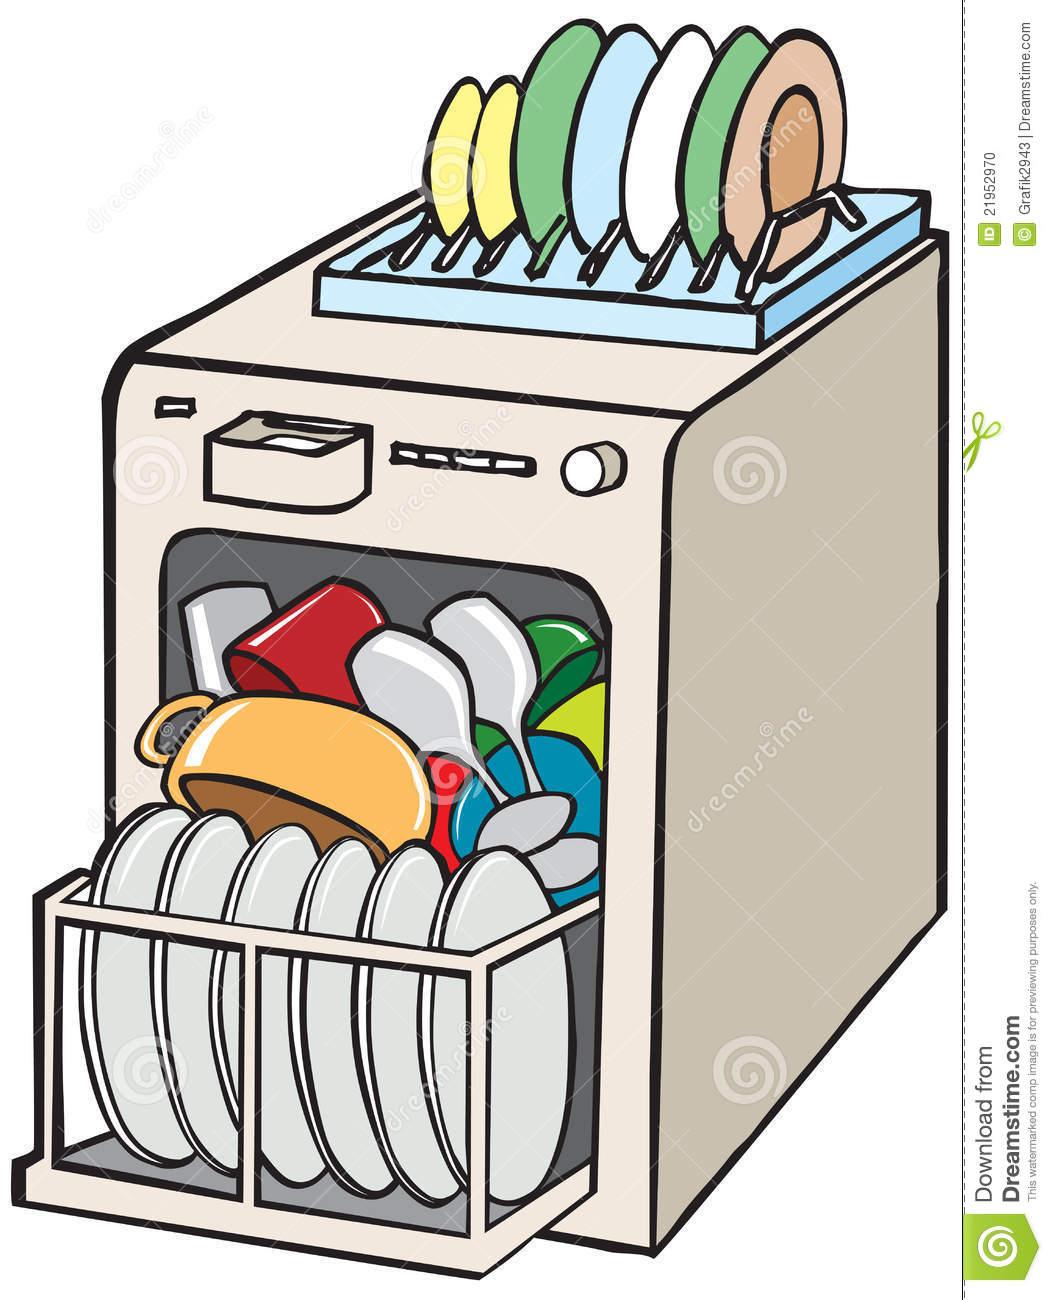 Panda free images dishwasherclipart. Dishwasher clipart